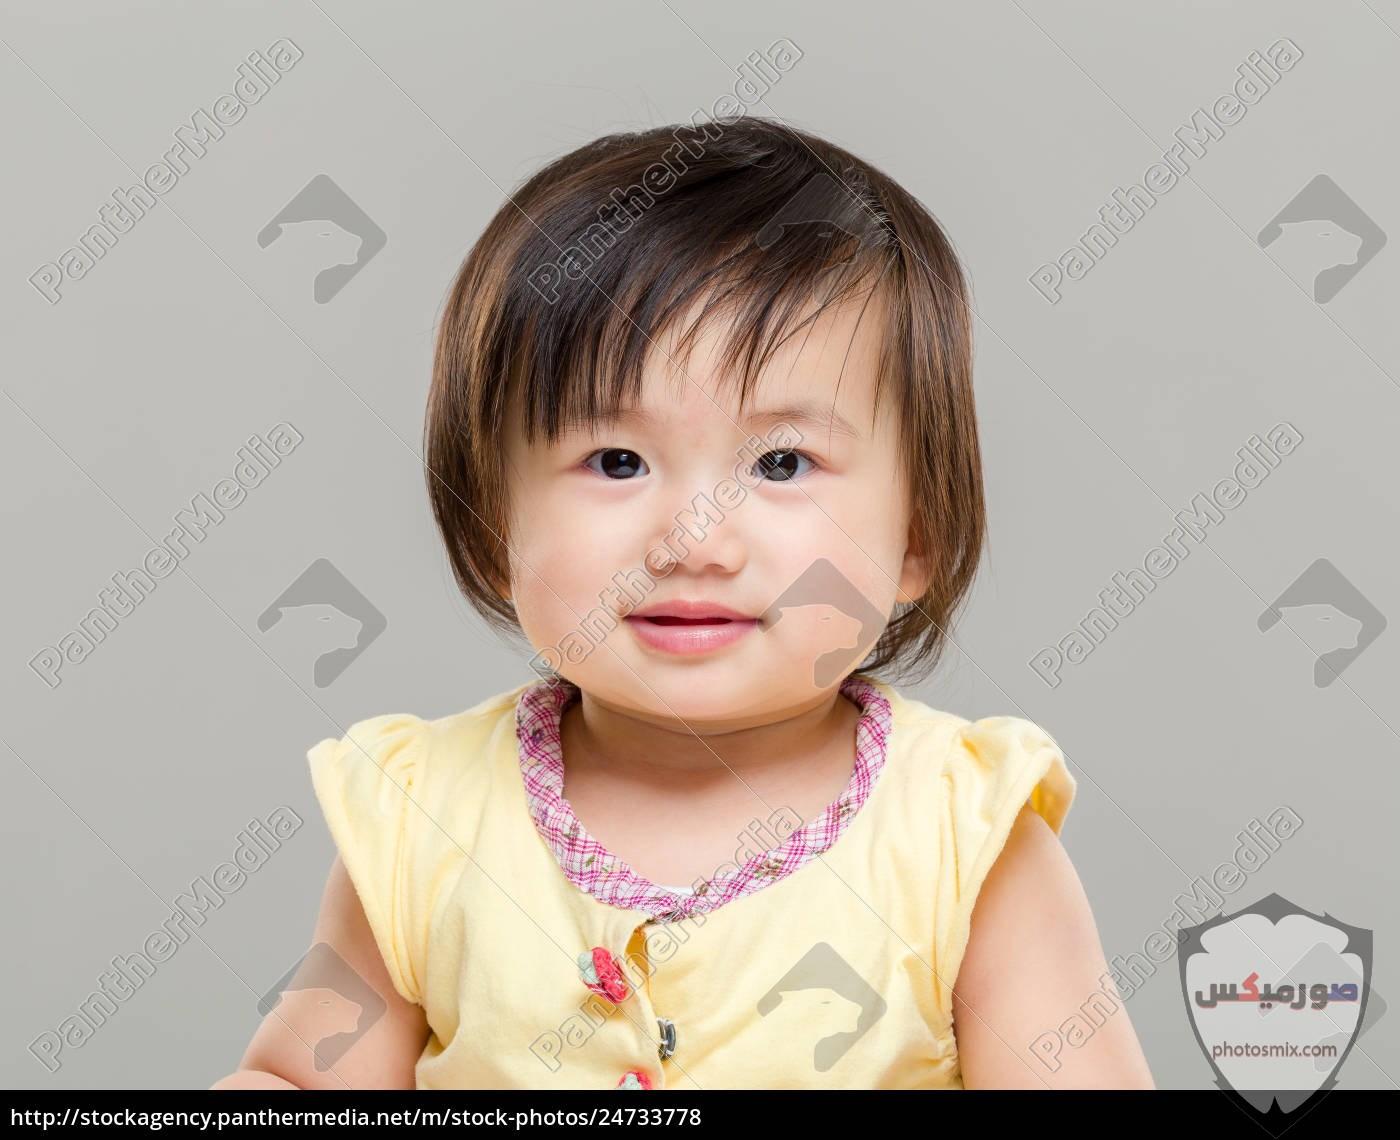 صور اطفال 2021 تحميل اكثر من 100 صور اطفال جميلة صور اطفال روعة 2020 70 1